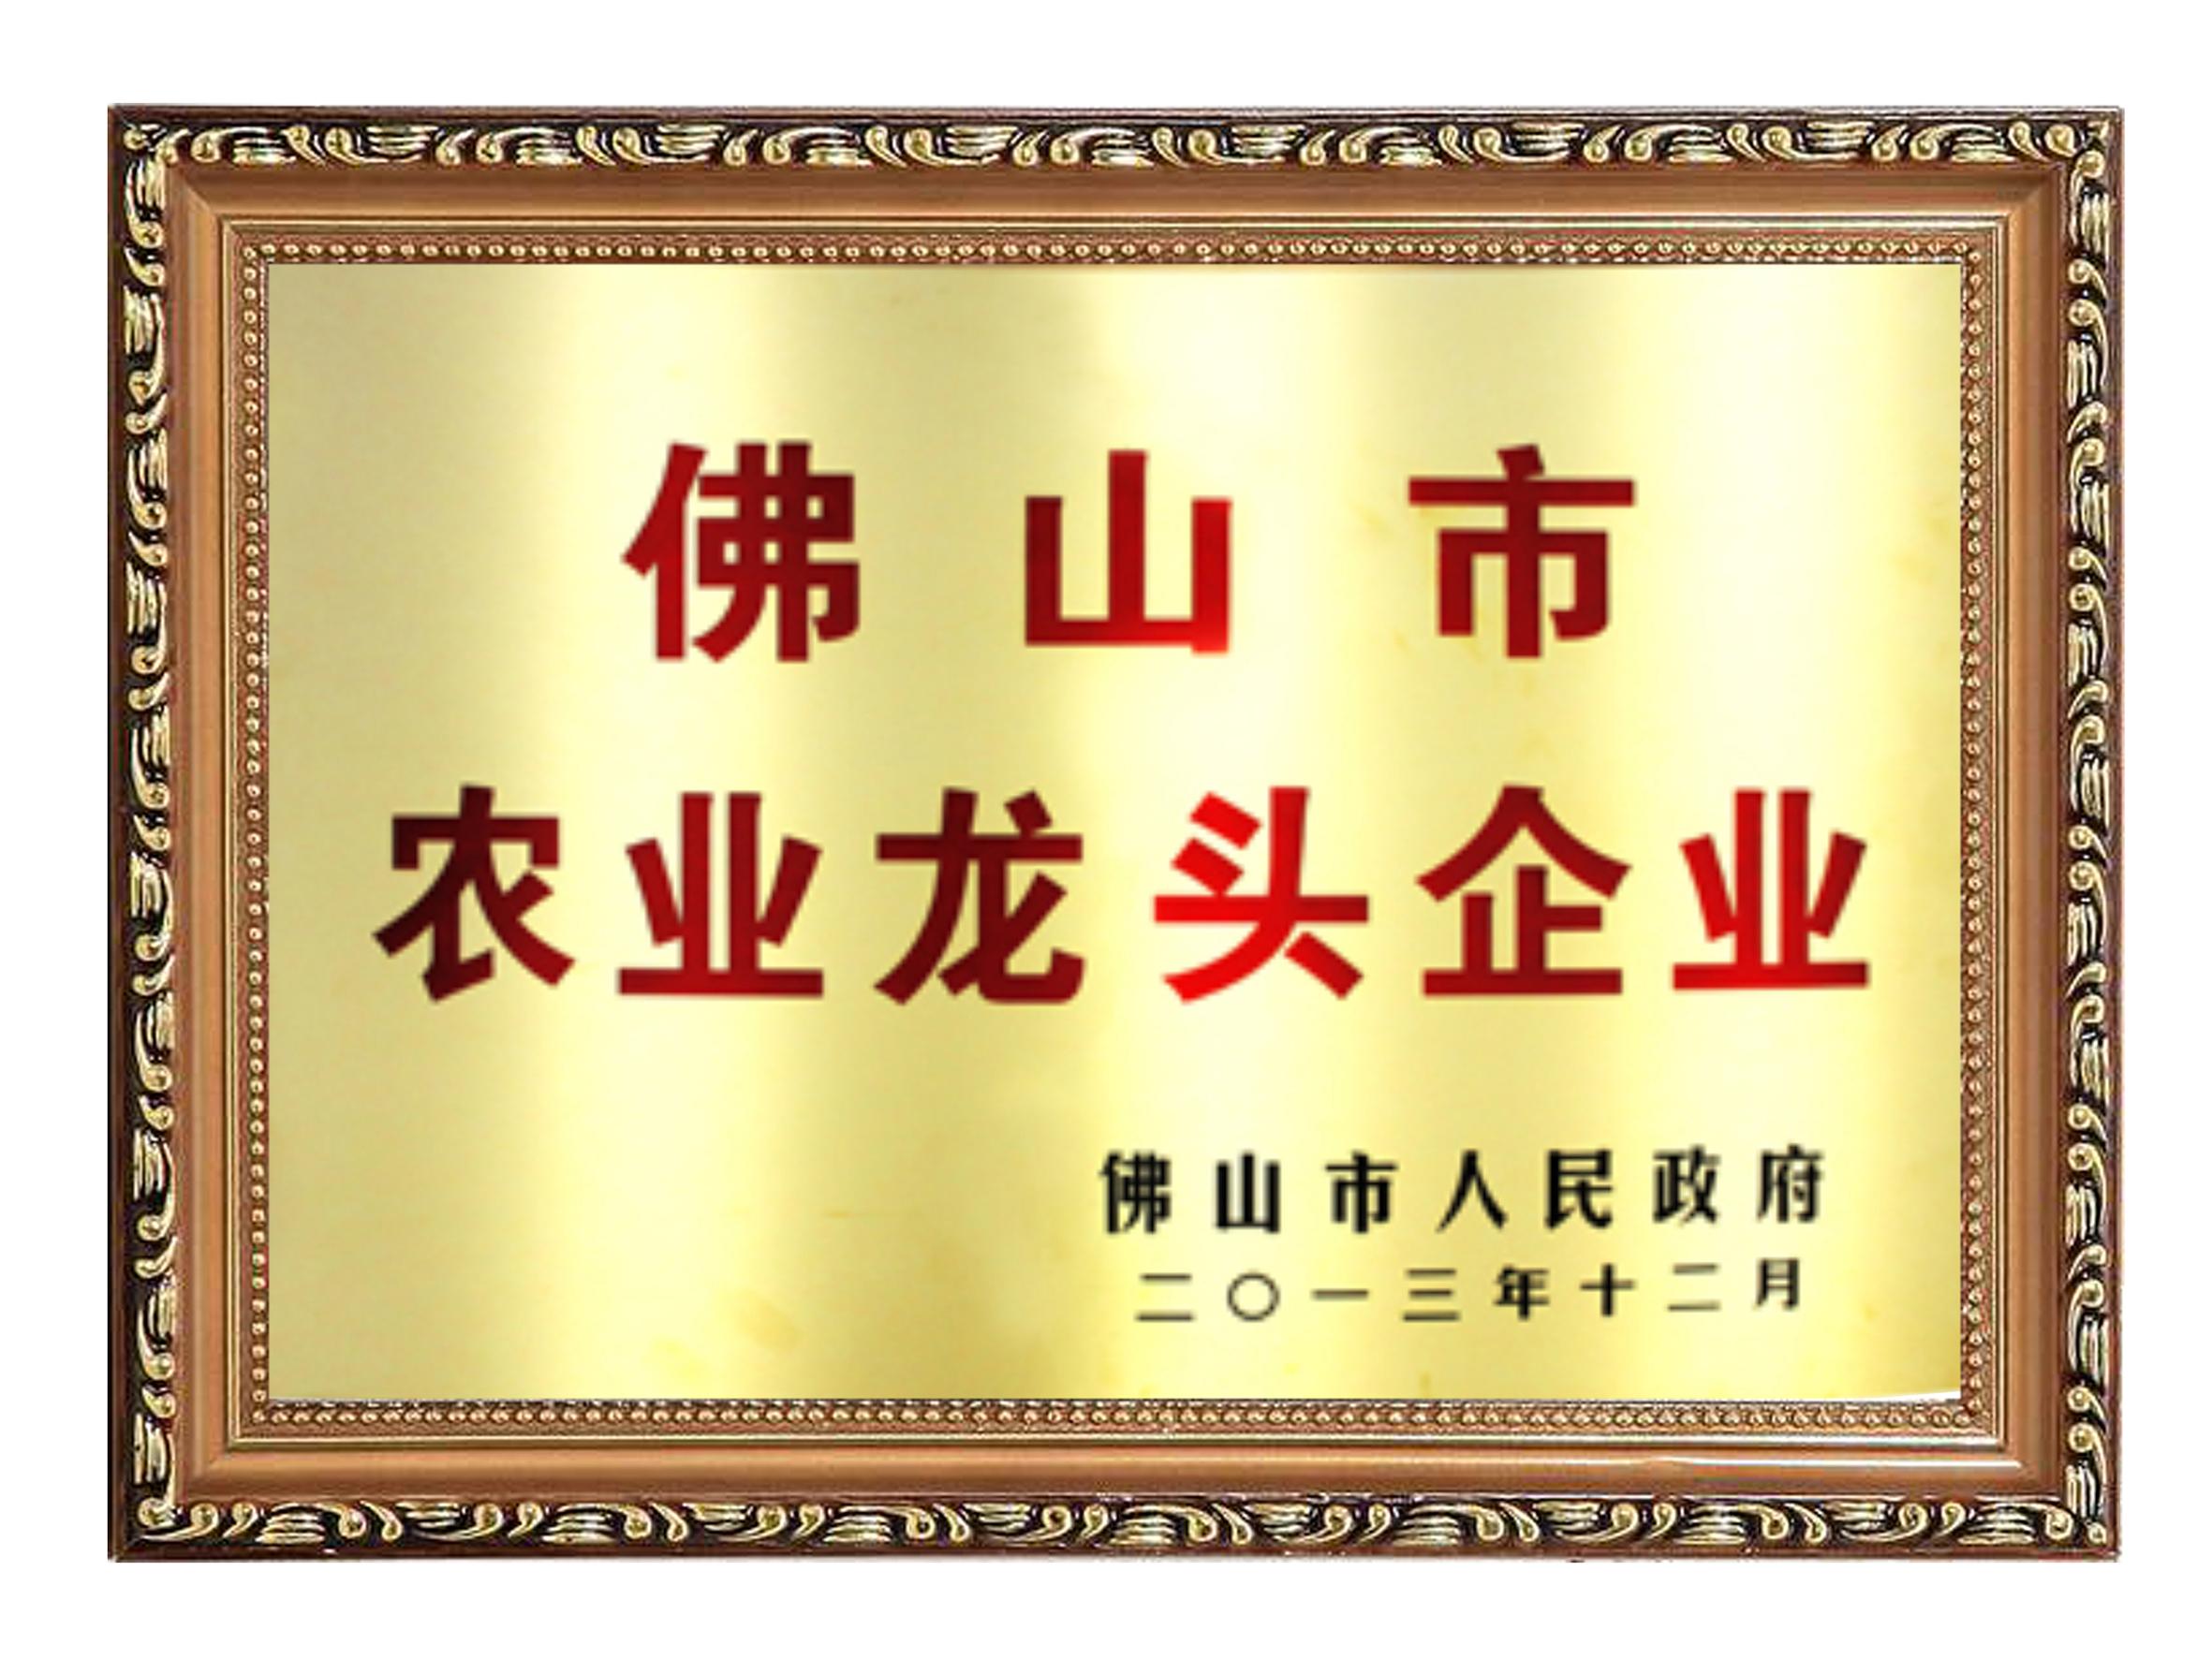 2013佛山市龙头企业